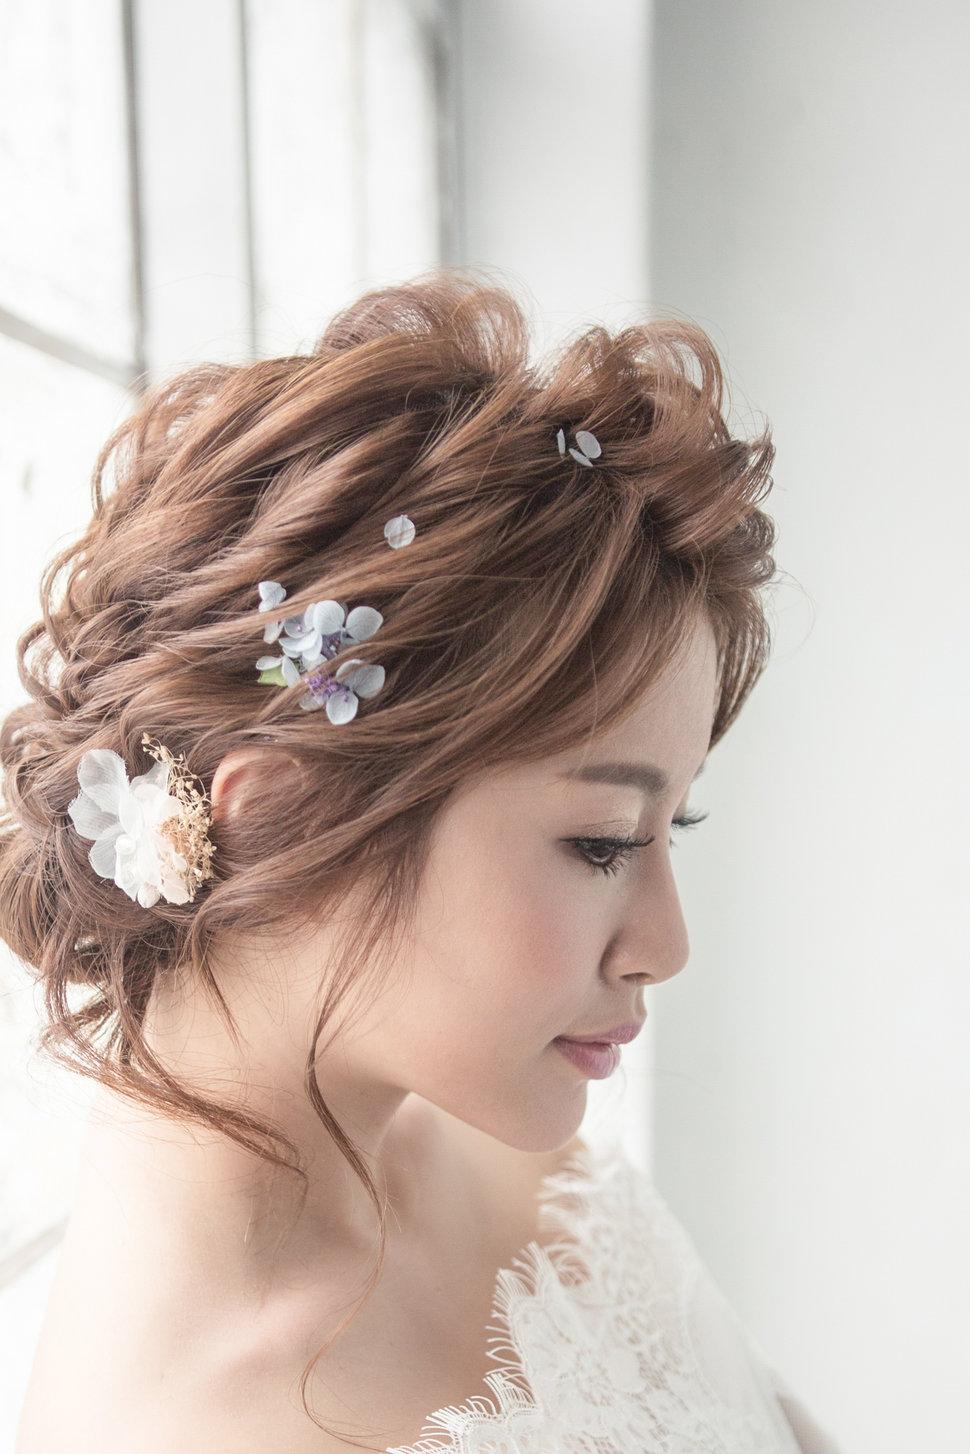 【純真精靈】低髻造型/純淨妝感-9 - iling彩妝造型 - 結婚吧